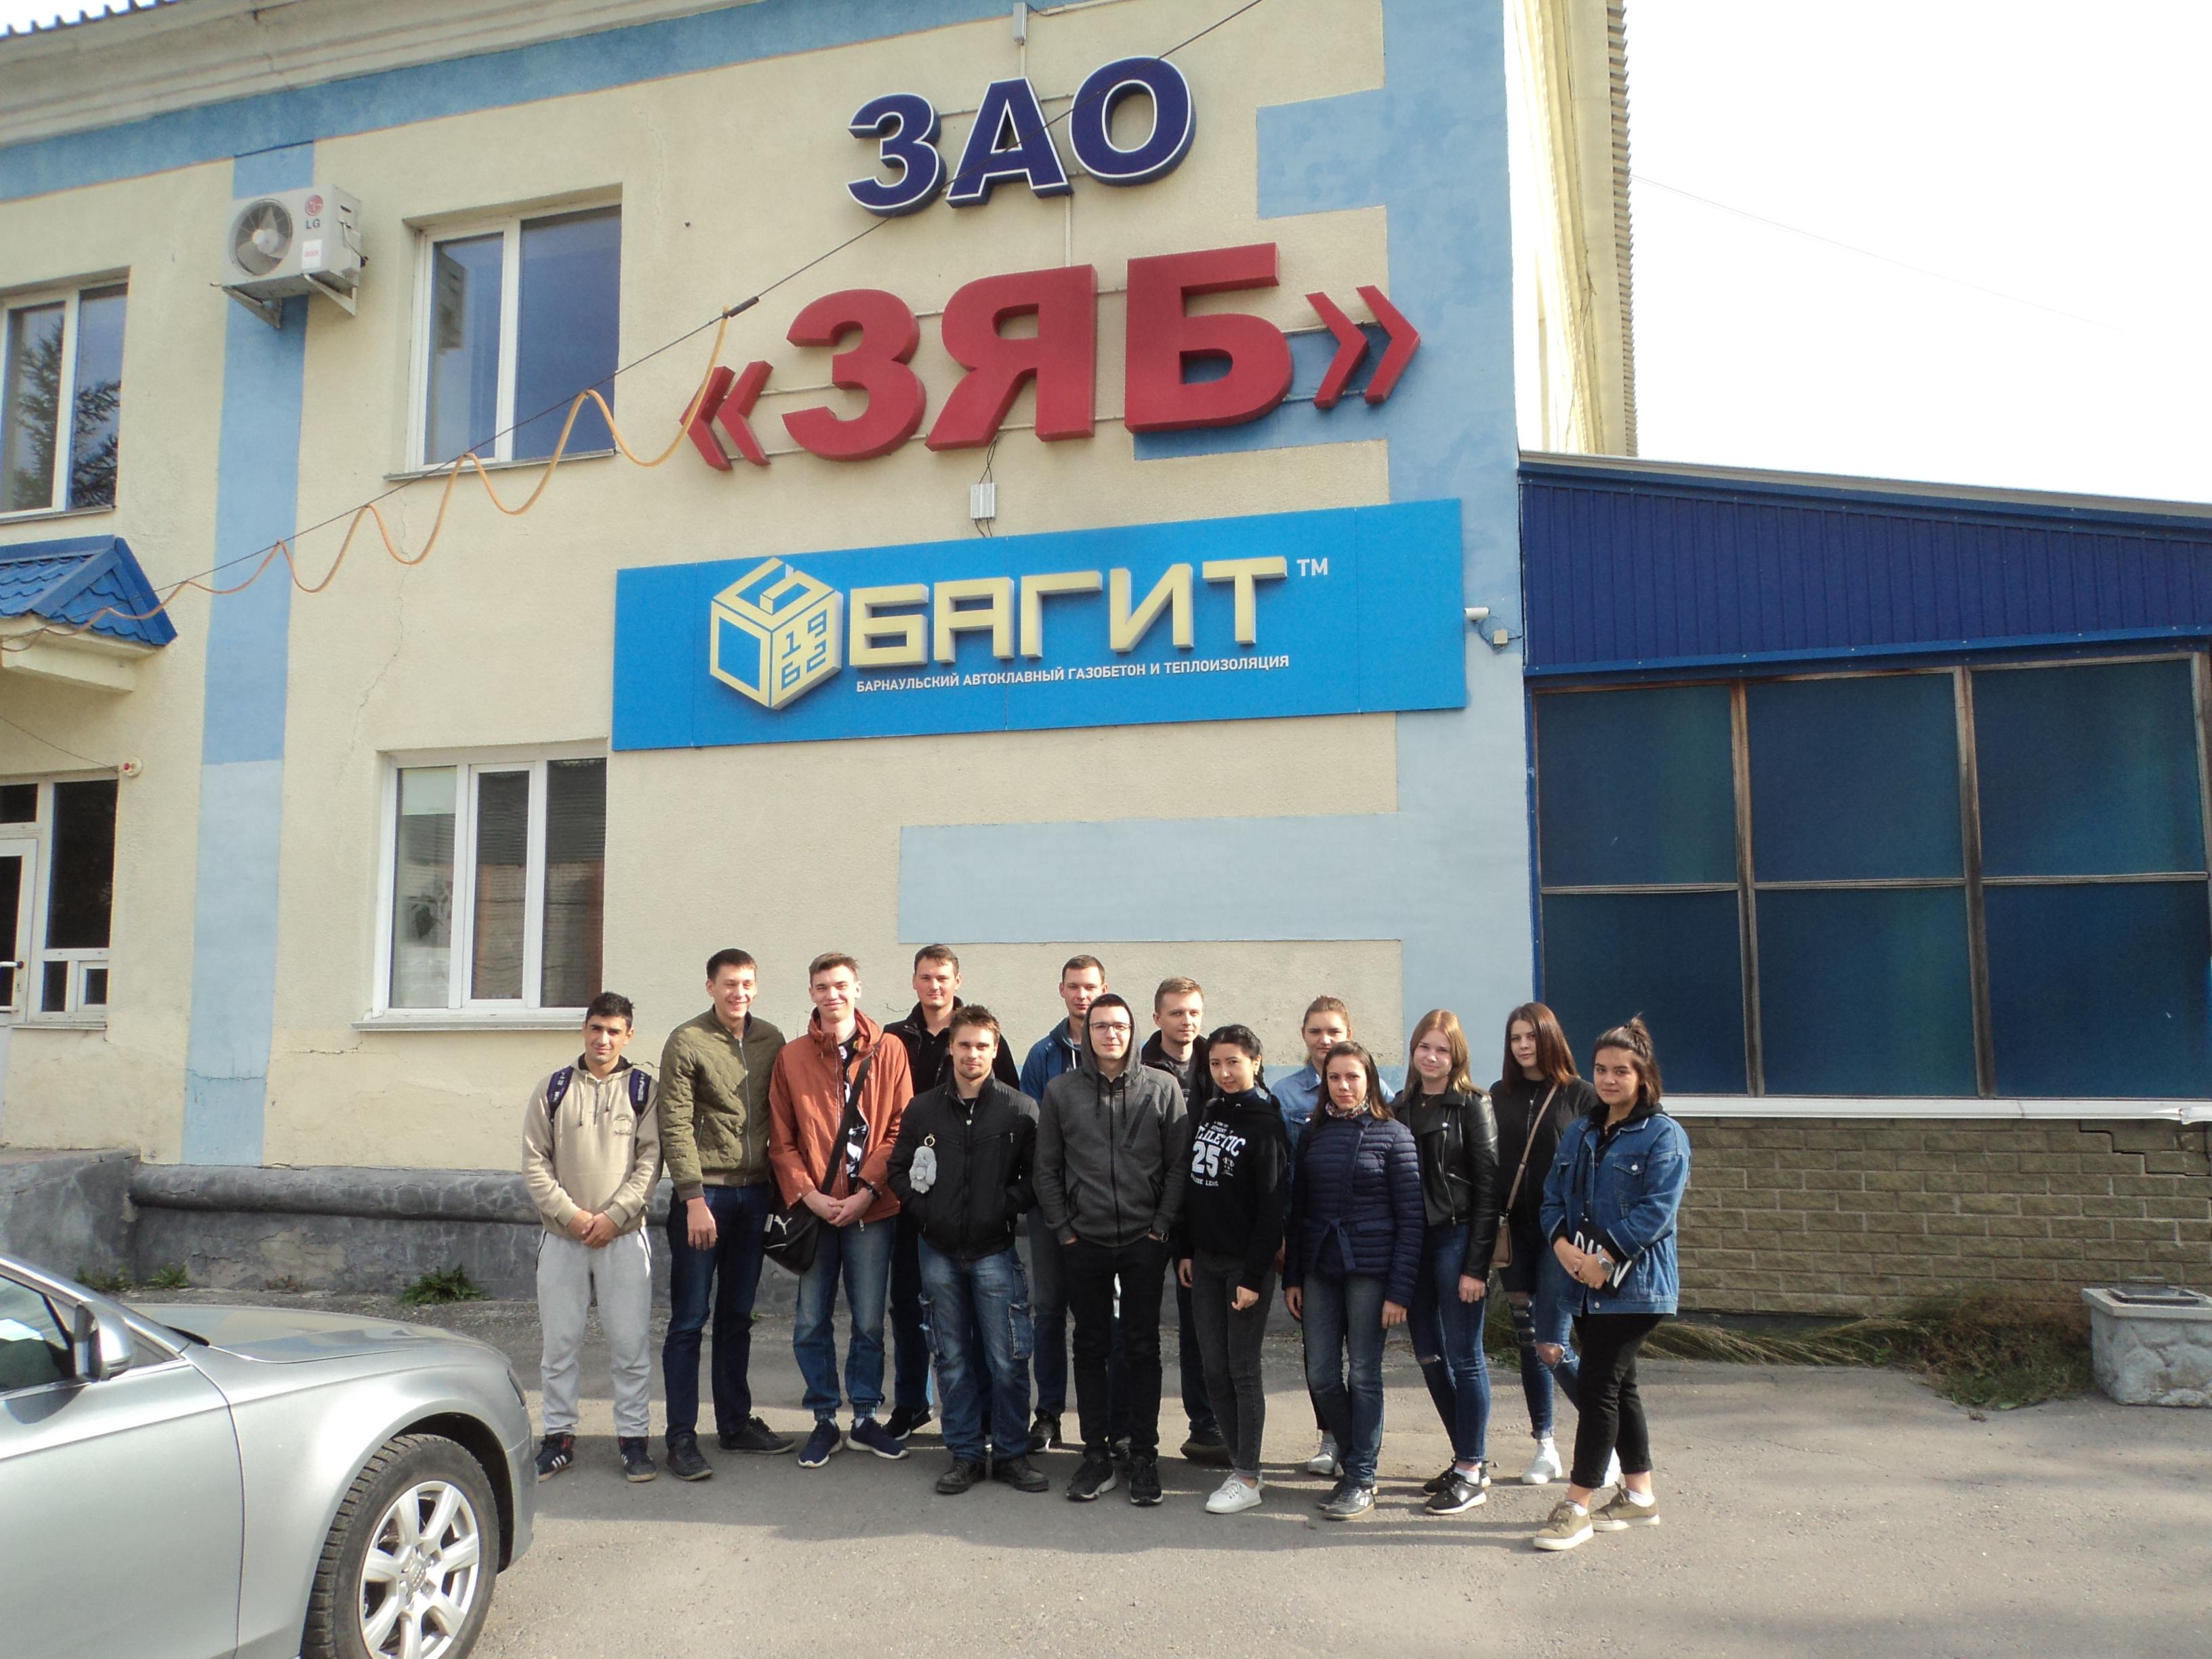 Завод ячеистого бетона сайт купить бетон для фундамента с доставкой цена московская область